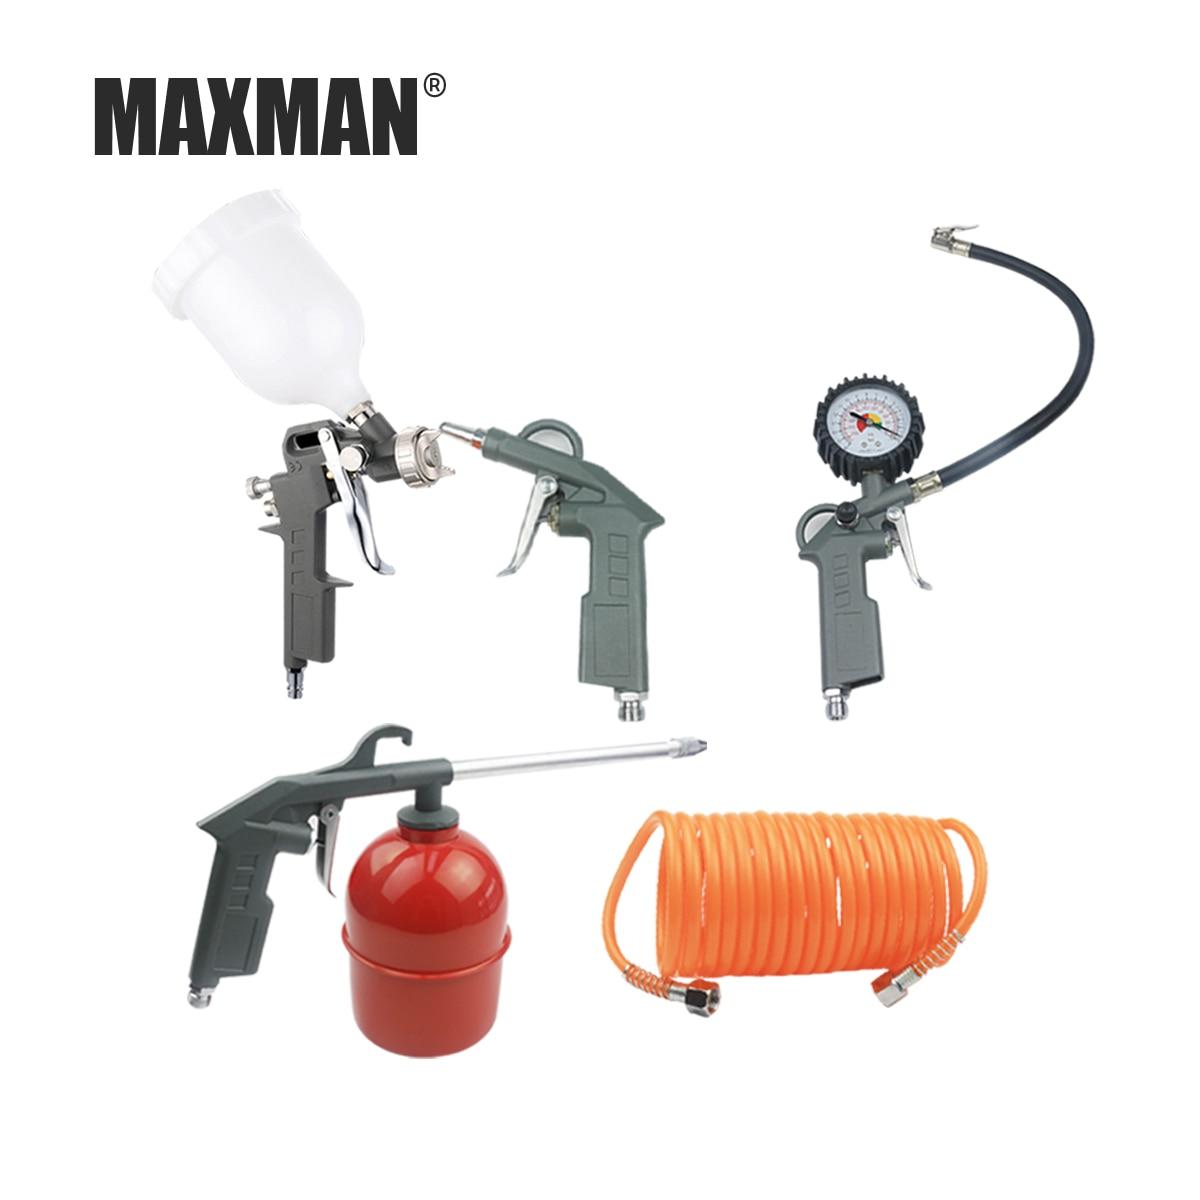 MAXMAN 400 мл 5 шт. Профессиональный Пневматический распылитель Аэрограф распылитель из сплава инструменты для покраски распылитель с бункером